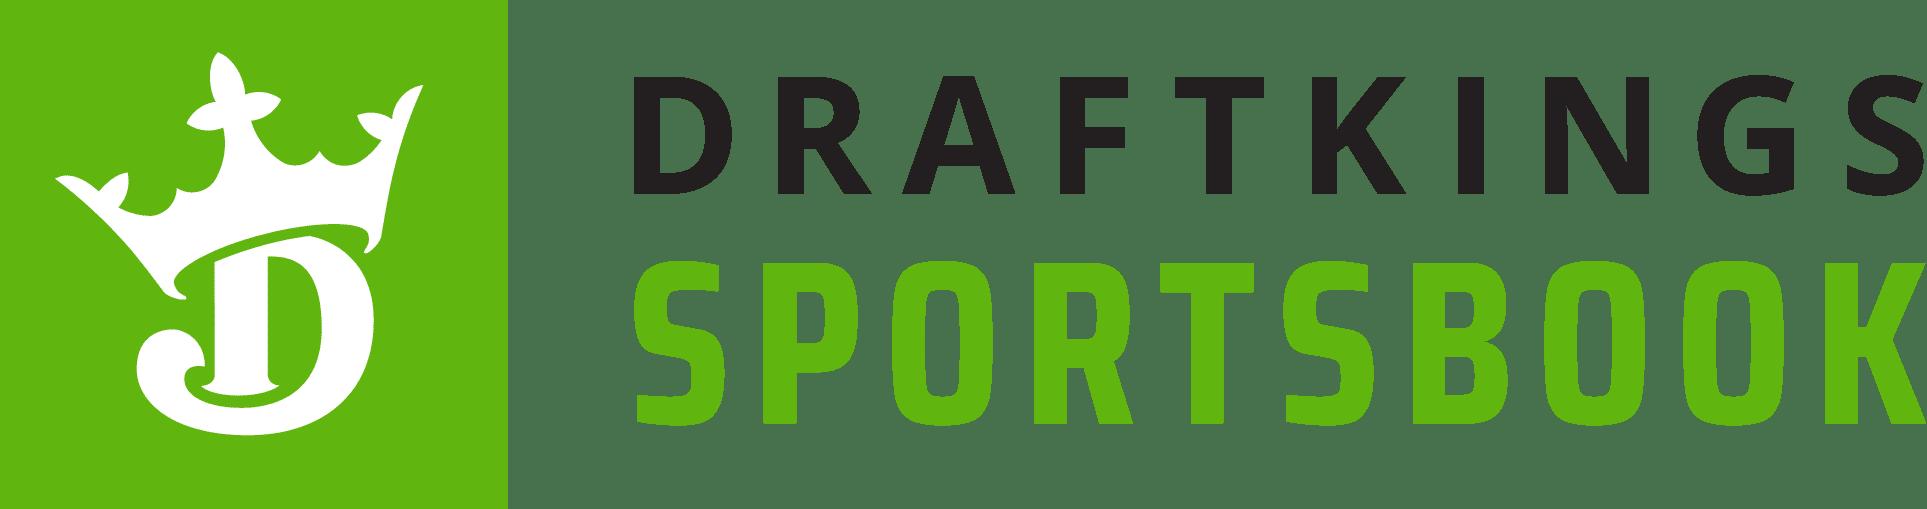 sportbook_logo_v2